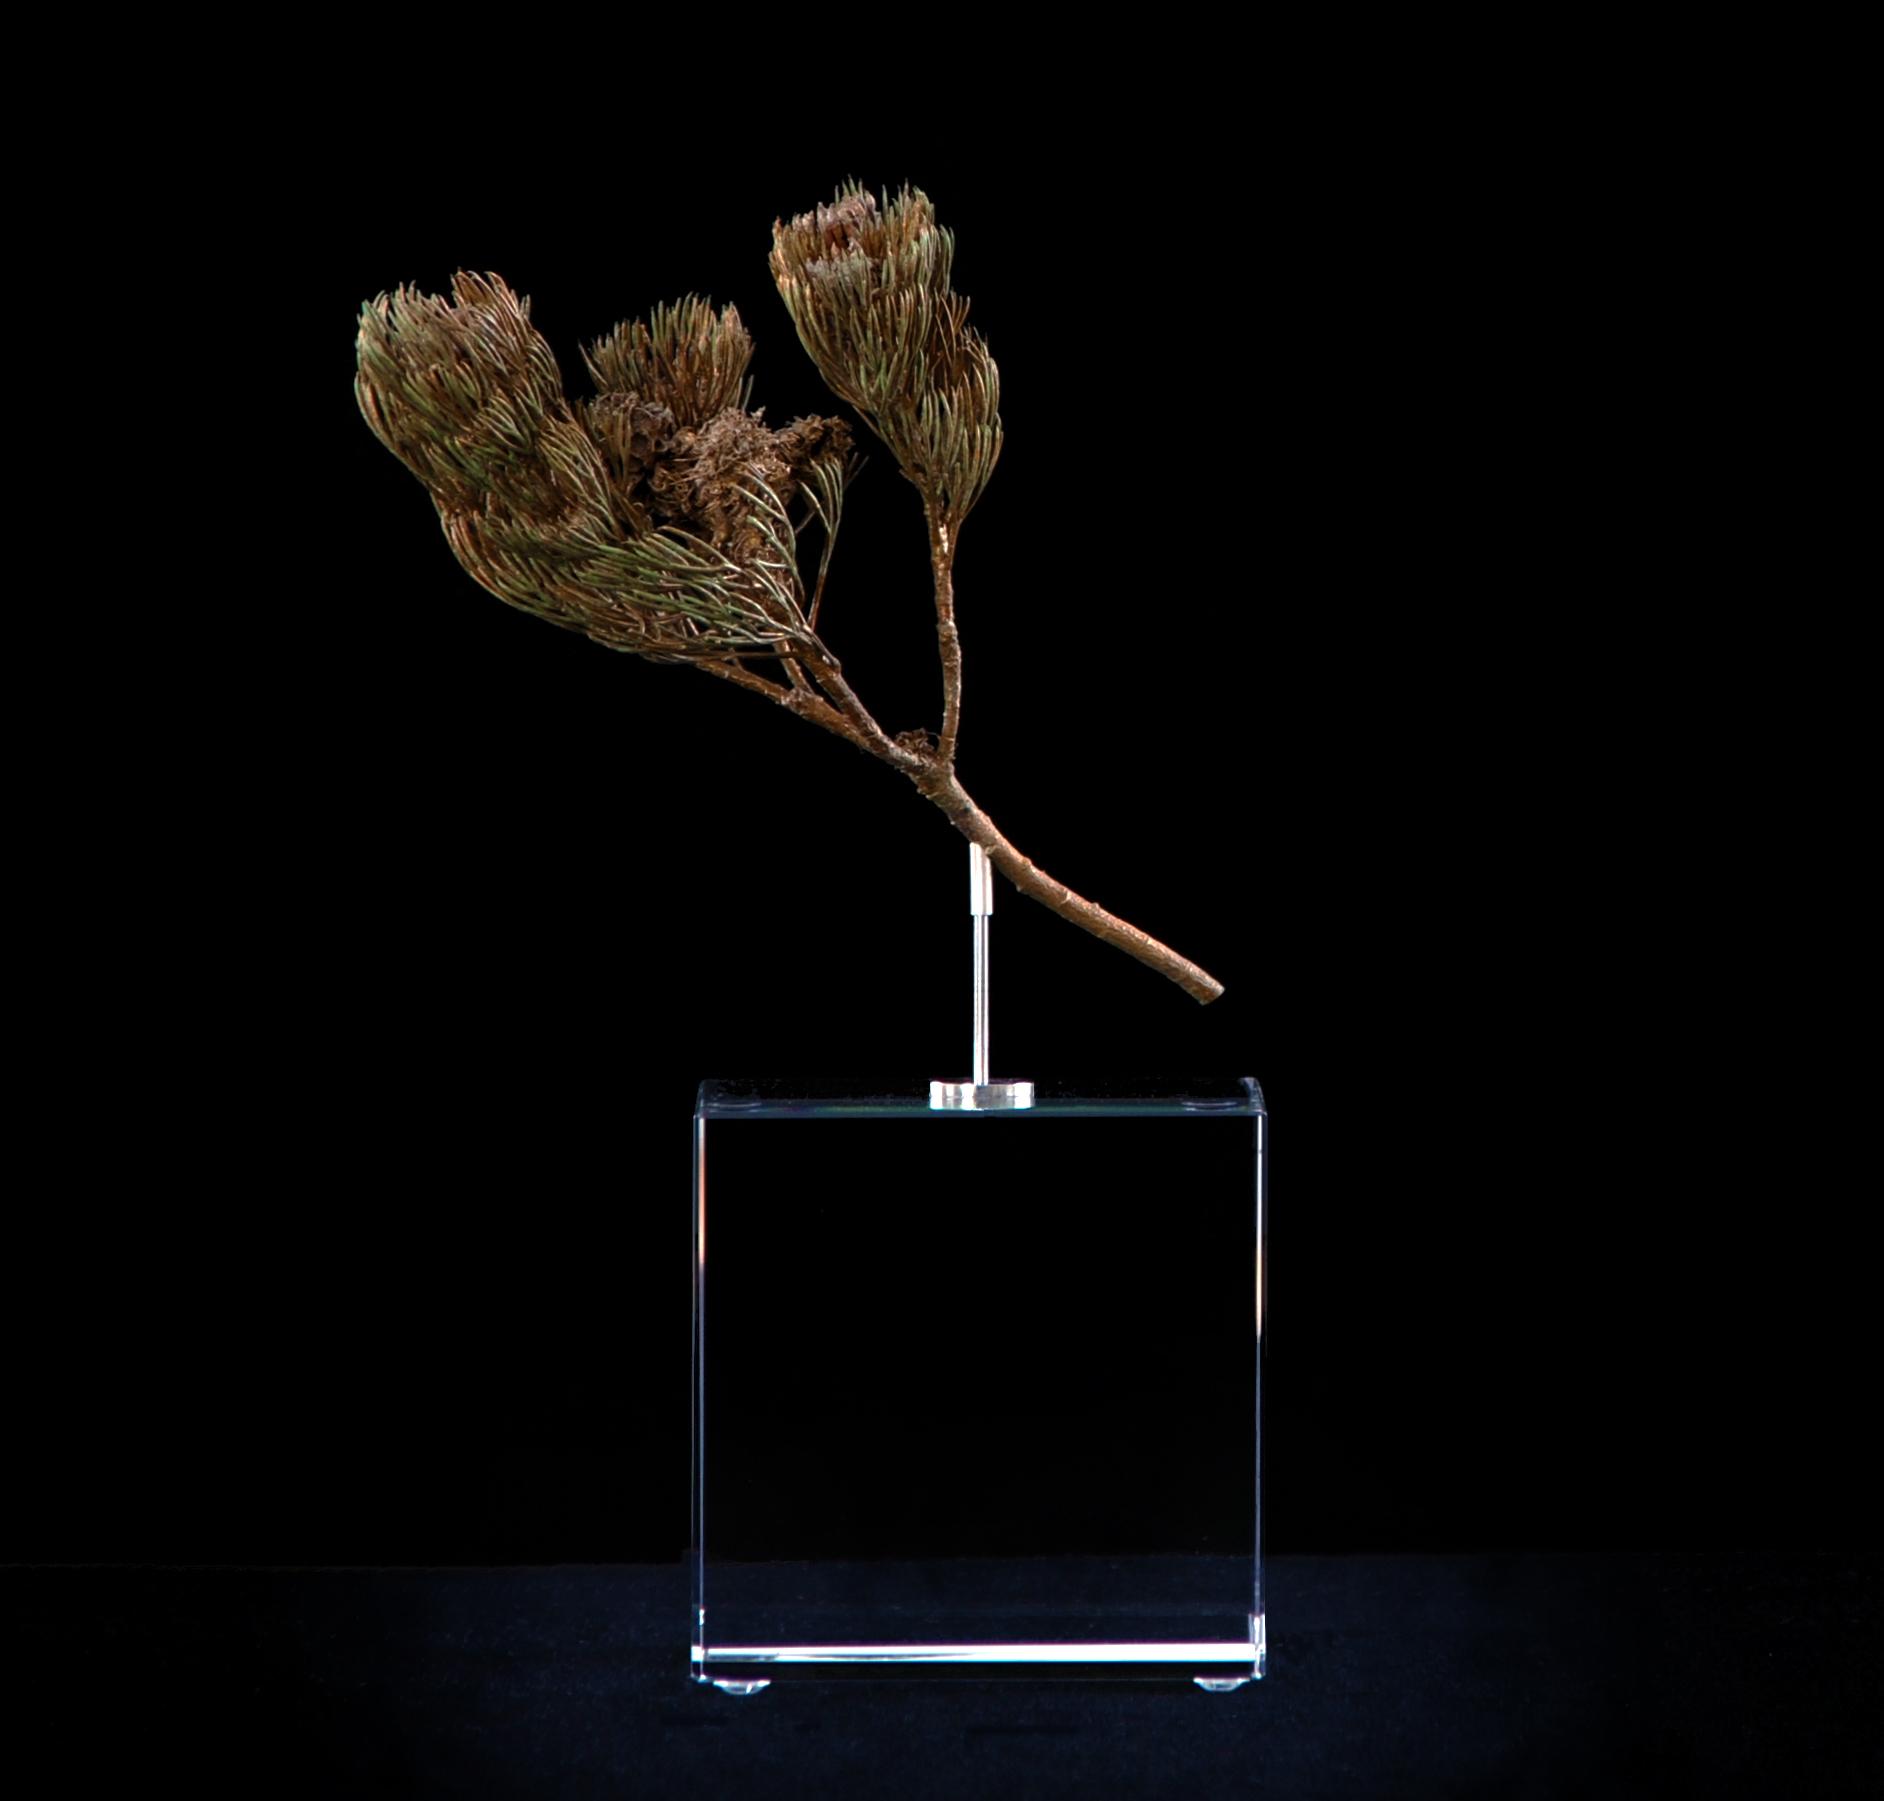 <i> Serruria villosa </i>